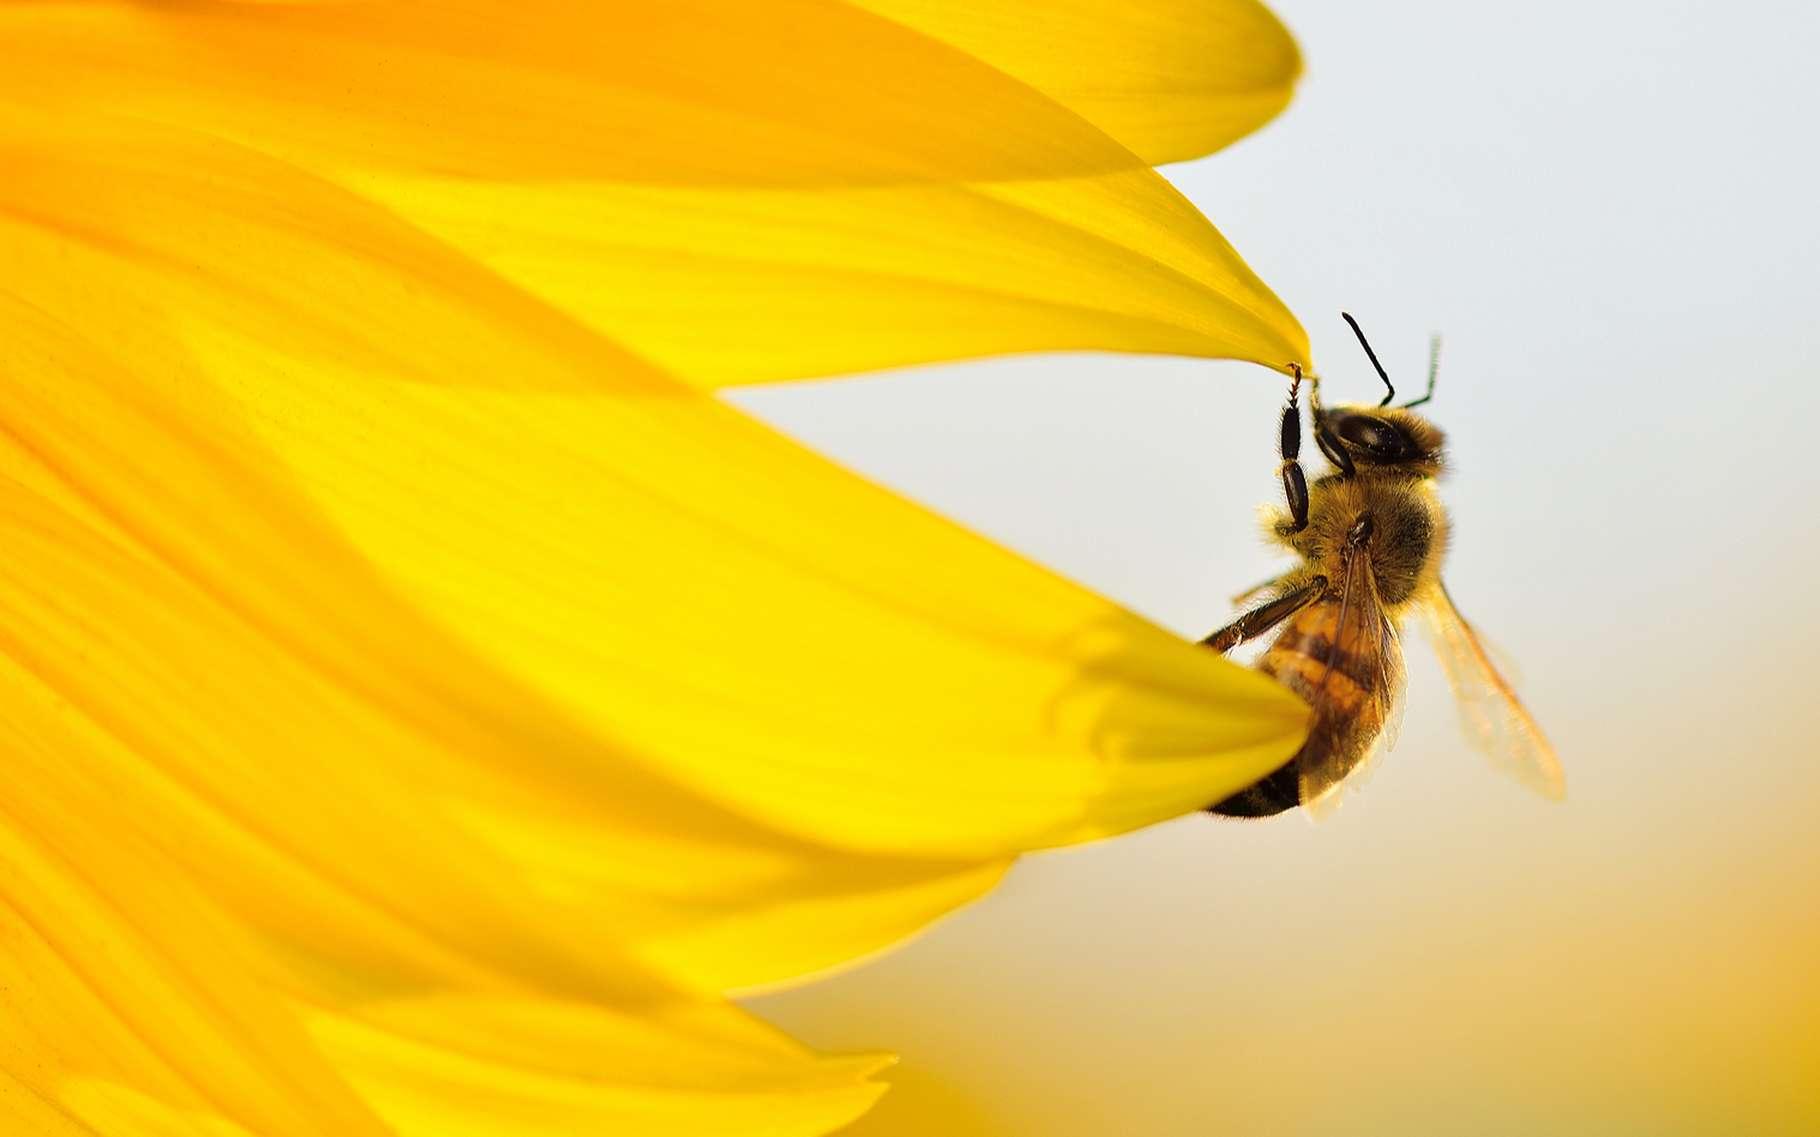 Si l'abeille se sent agressée, elle pique. Alors, pour éviter le pire, les apiculteurs ont recours à la méthode de l'enfumage des ruches. © Stanislav Samoylik, Shutterstock